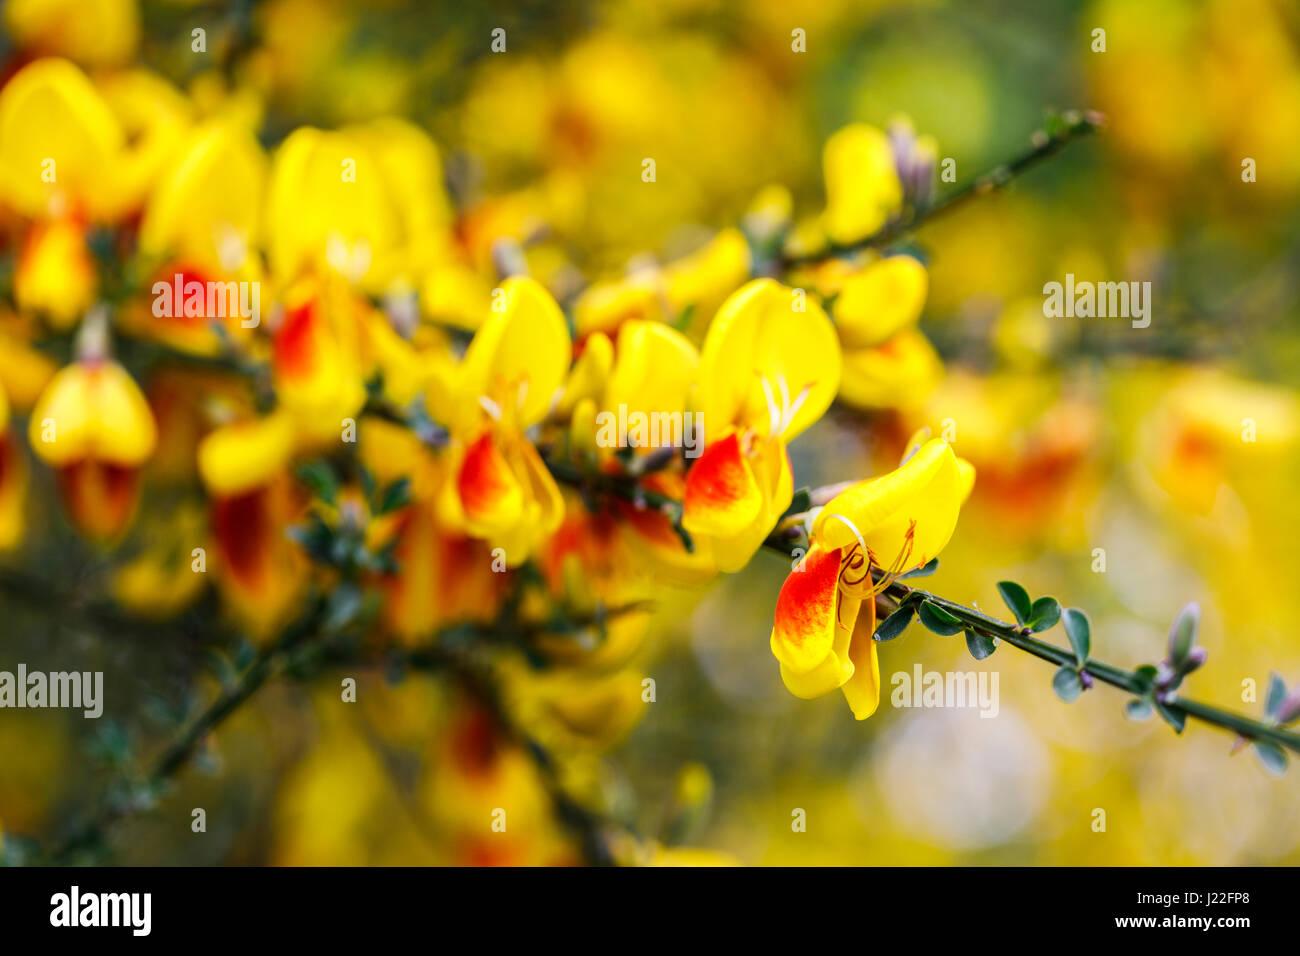 Arbusto Fiori Gialli Primaverili.Giallo E Arancione A Fioritura Primaverile Di Ginestra Fioritura